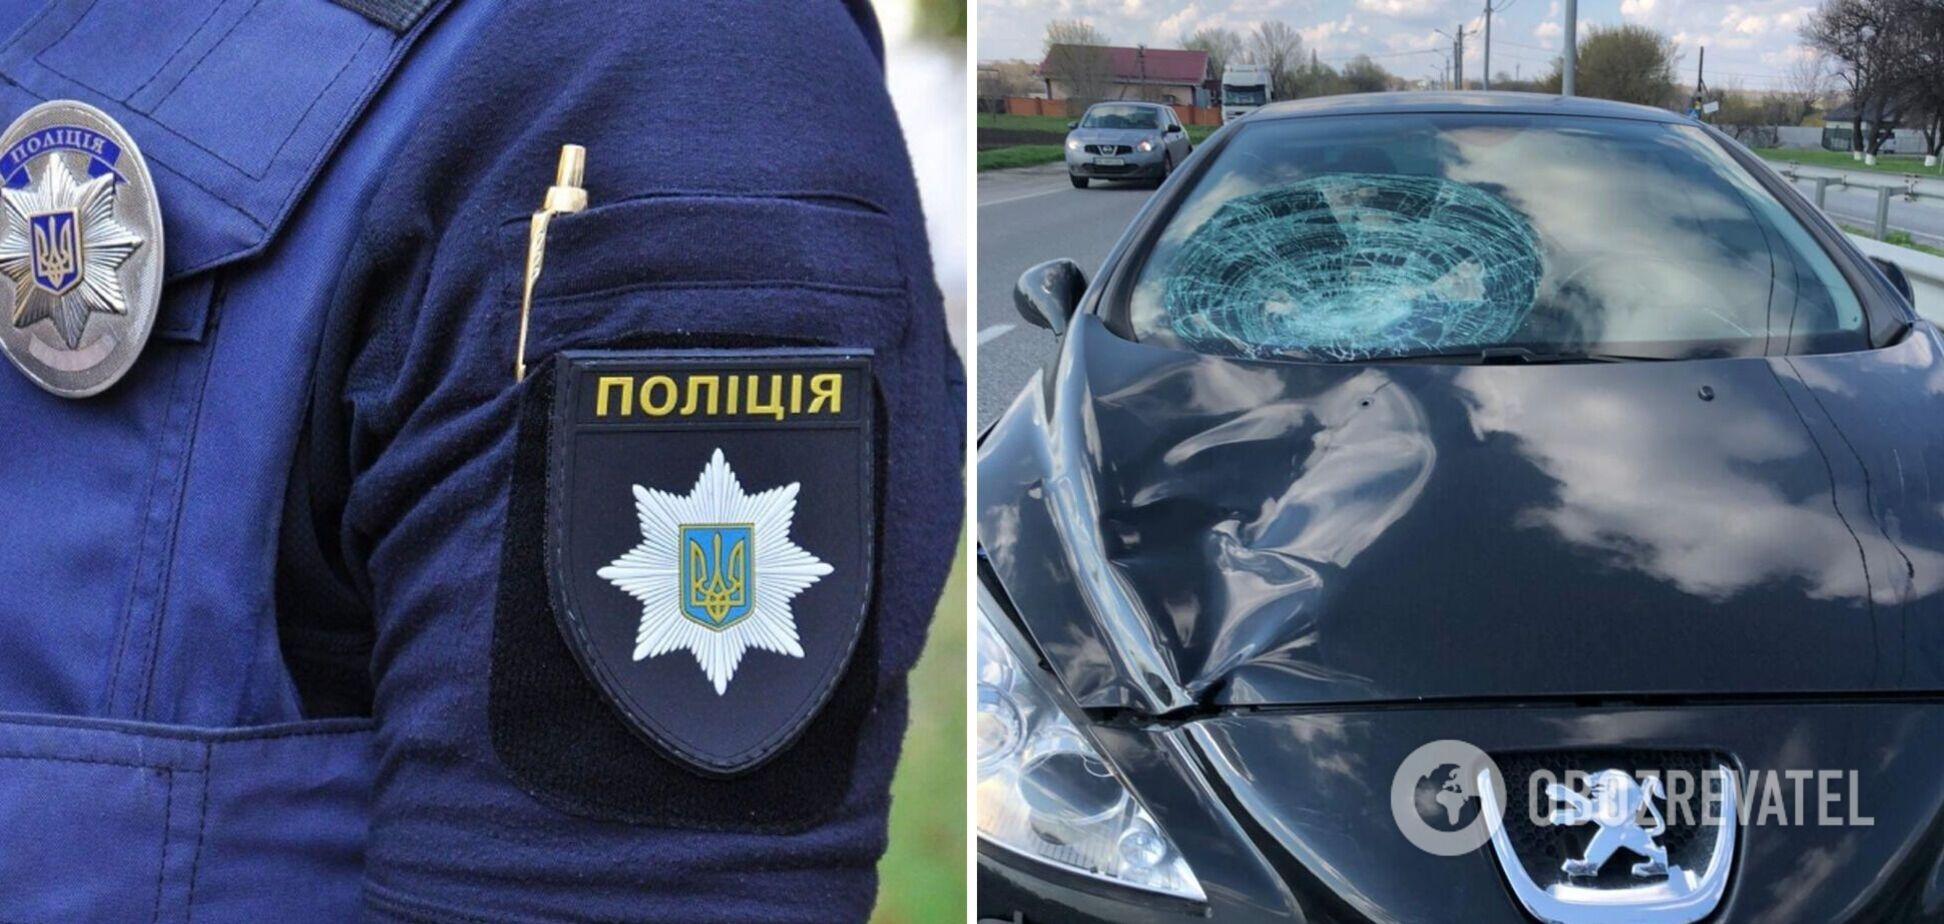 Під Дніпром на переході збили двох дітей. Відео та фото жорсткої ДТП 18+